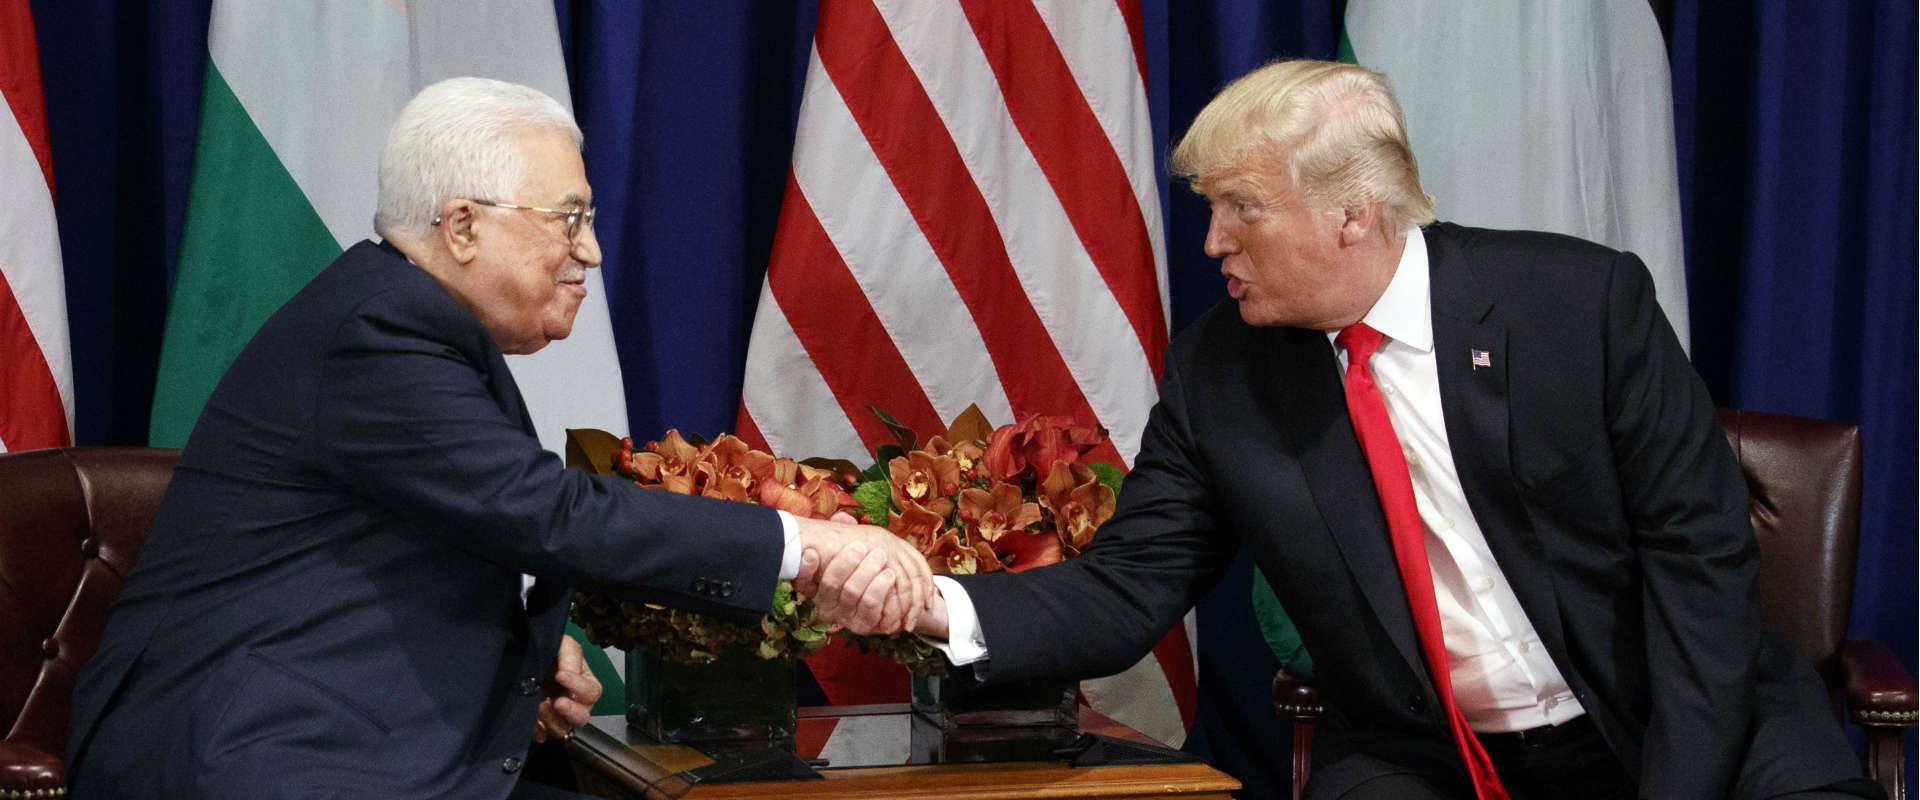 טראמפ ואבו מאזן בפגישתם בניו יורק